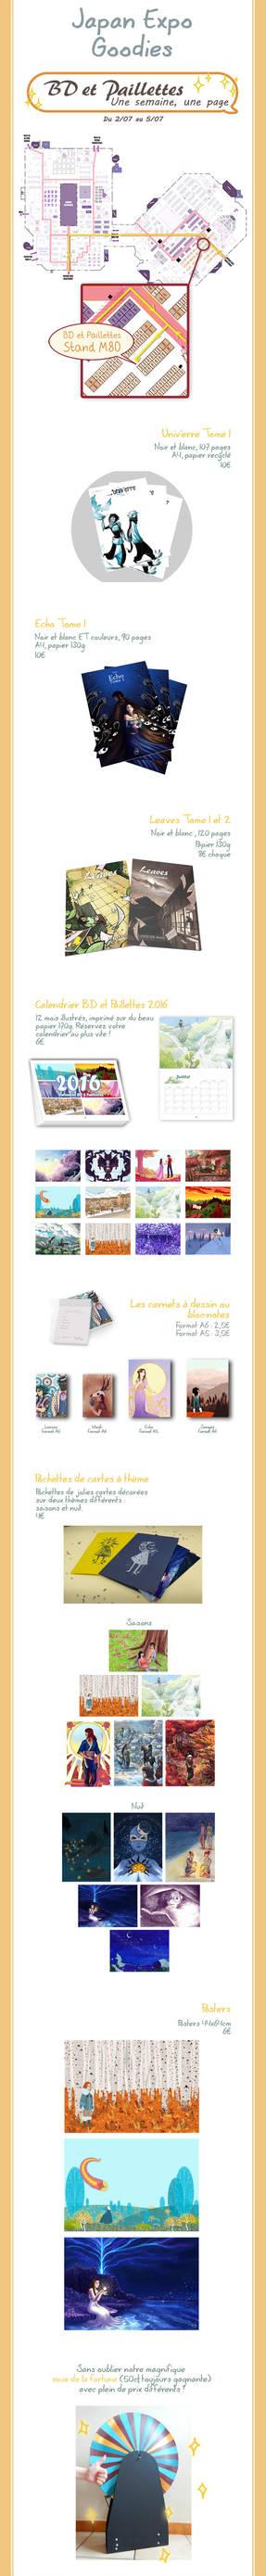 Paillettes pour la Japan Expo 2015 by Neruall